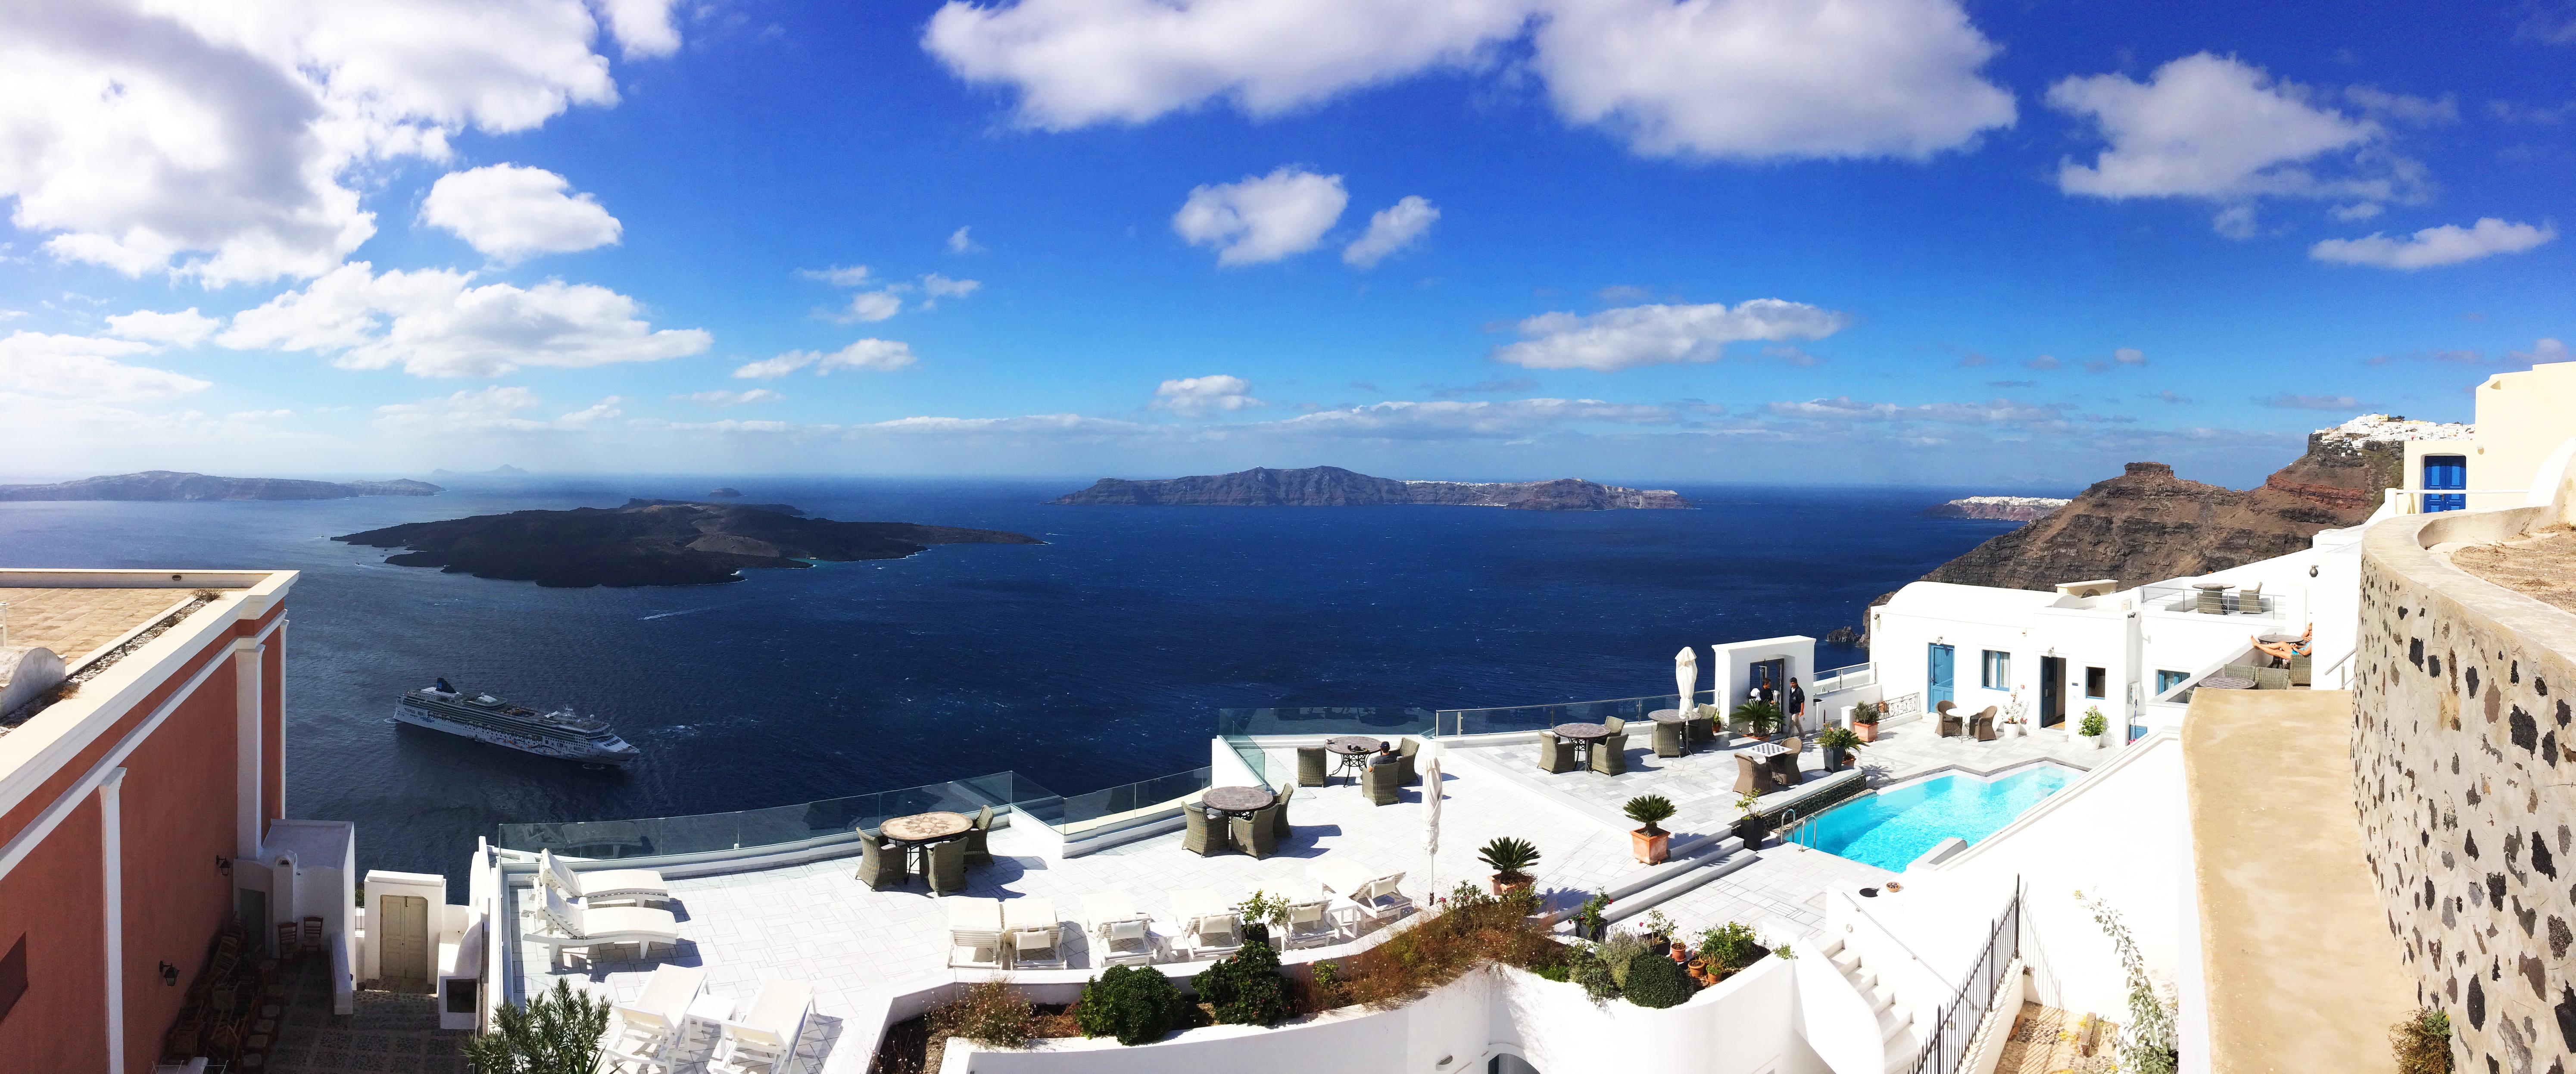 villa piscina Santorini Grecia panorama isole mare